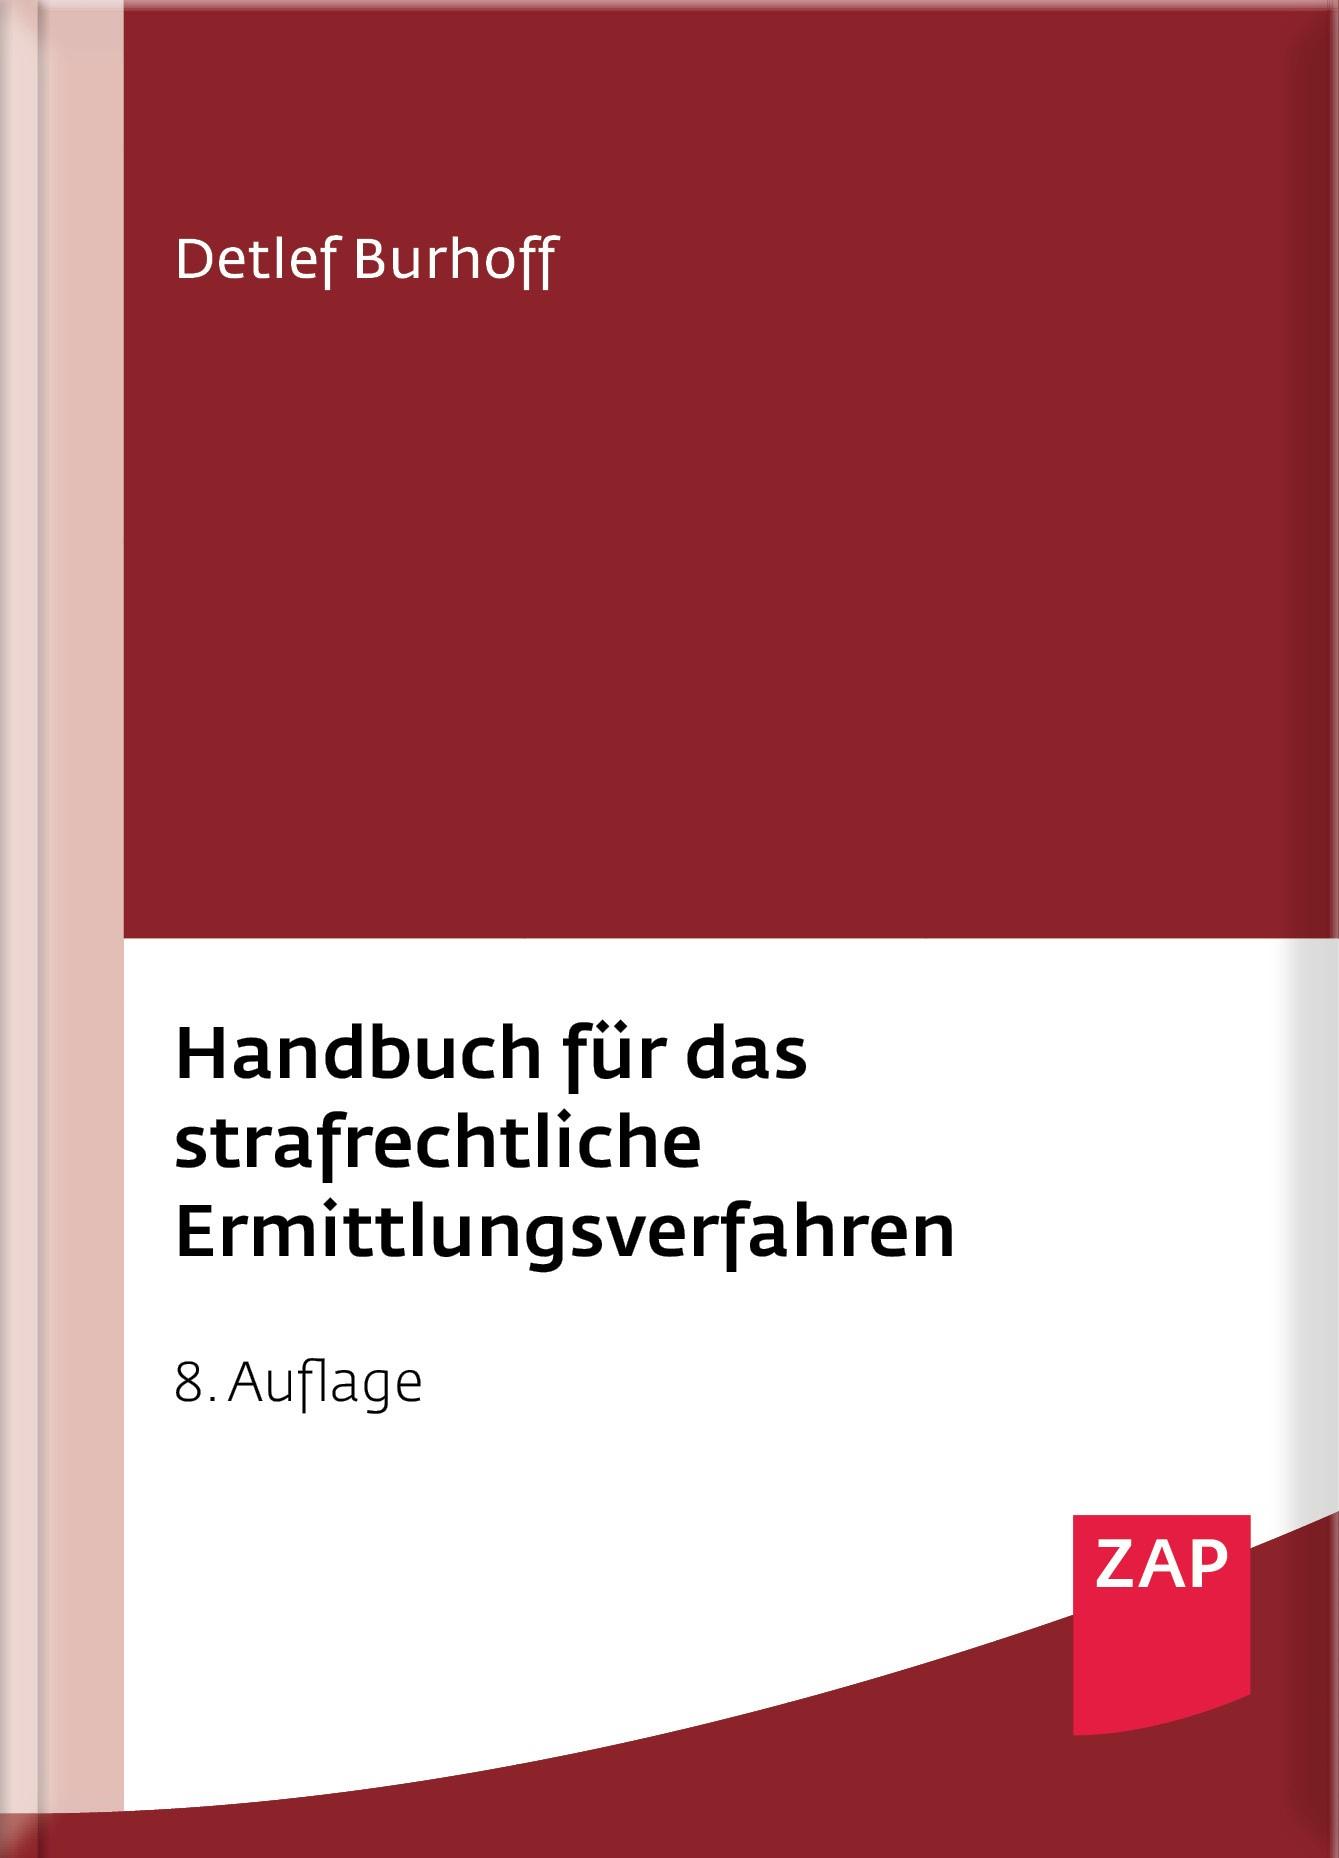 Handbuch für das strafrechtliche Ermittlungsverfahren | Burhoff | 8. Auflage, 2018 | Buch (Cover)